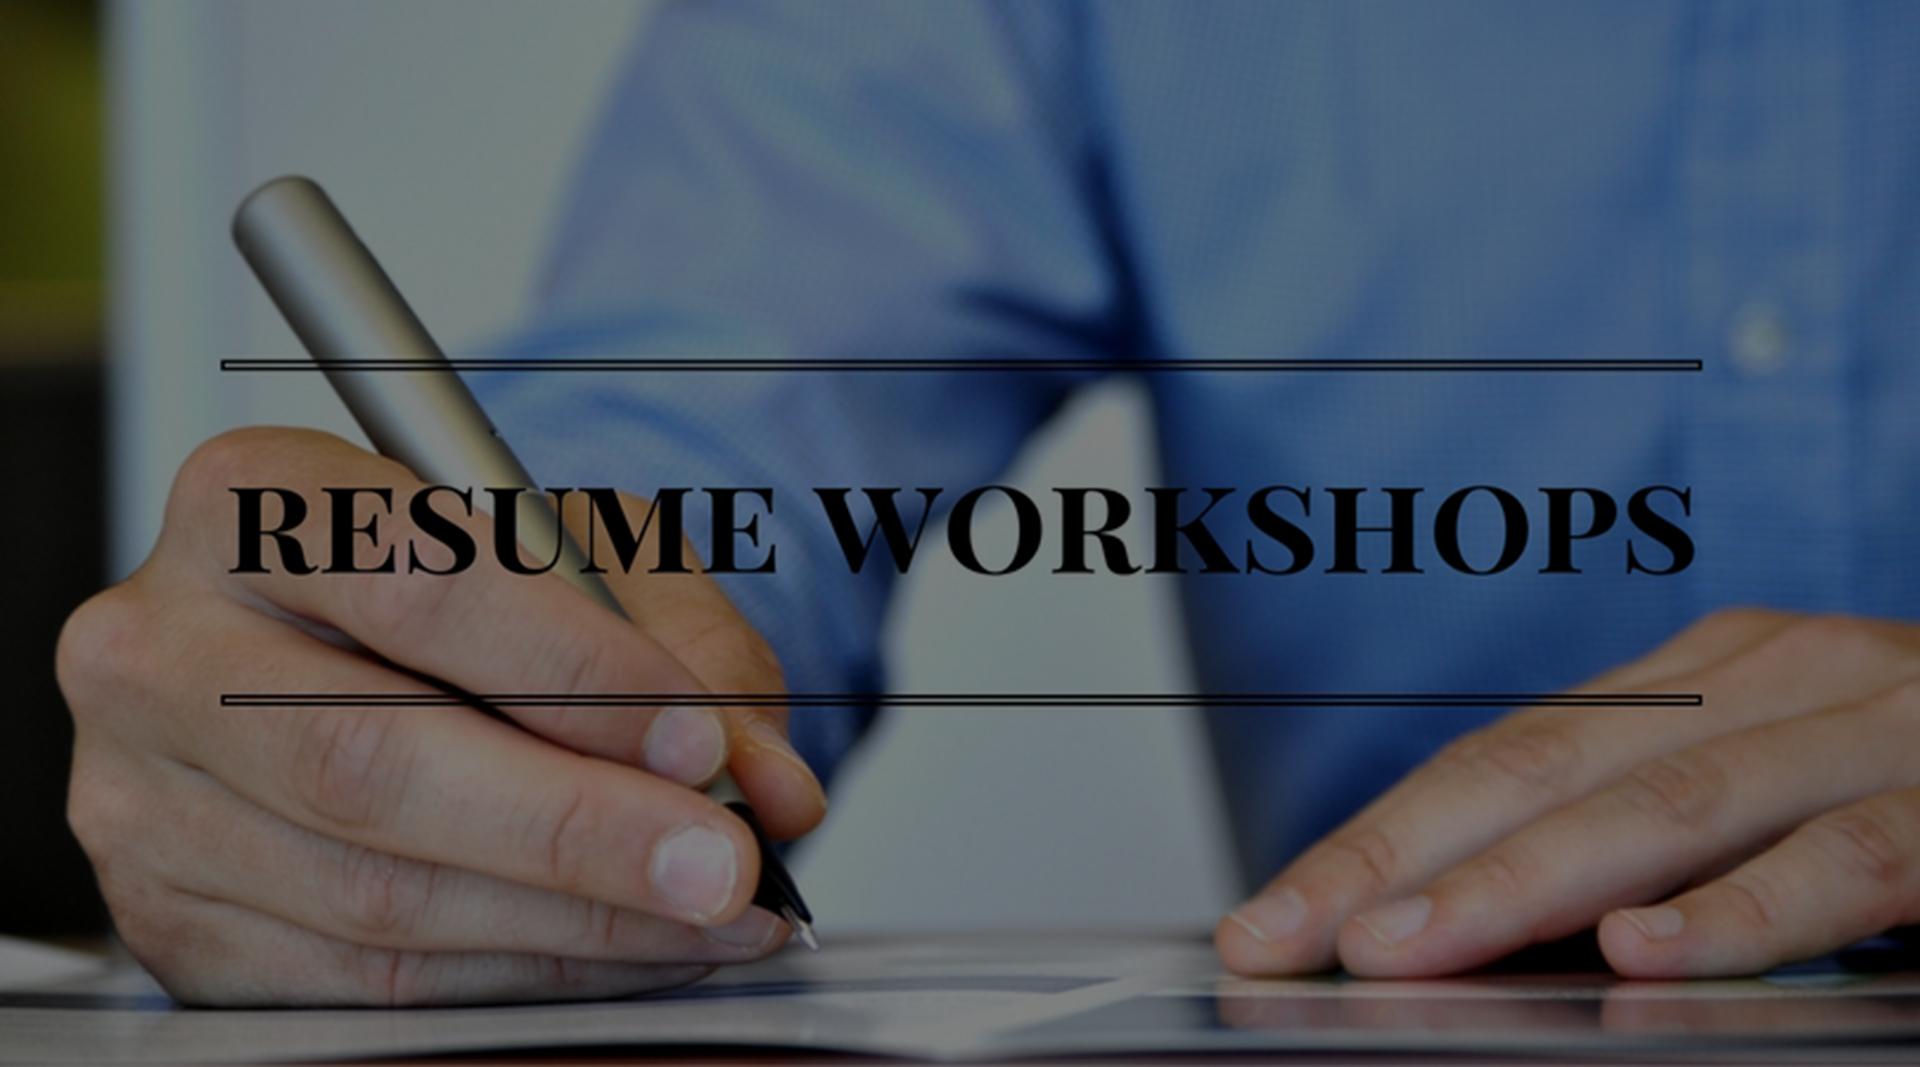 resume-workshop3s-1